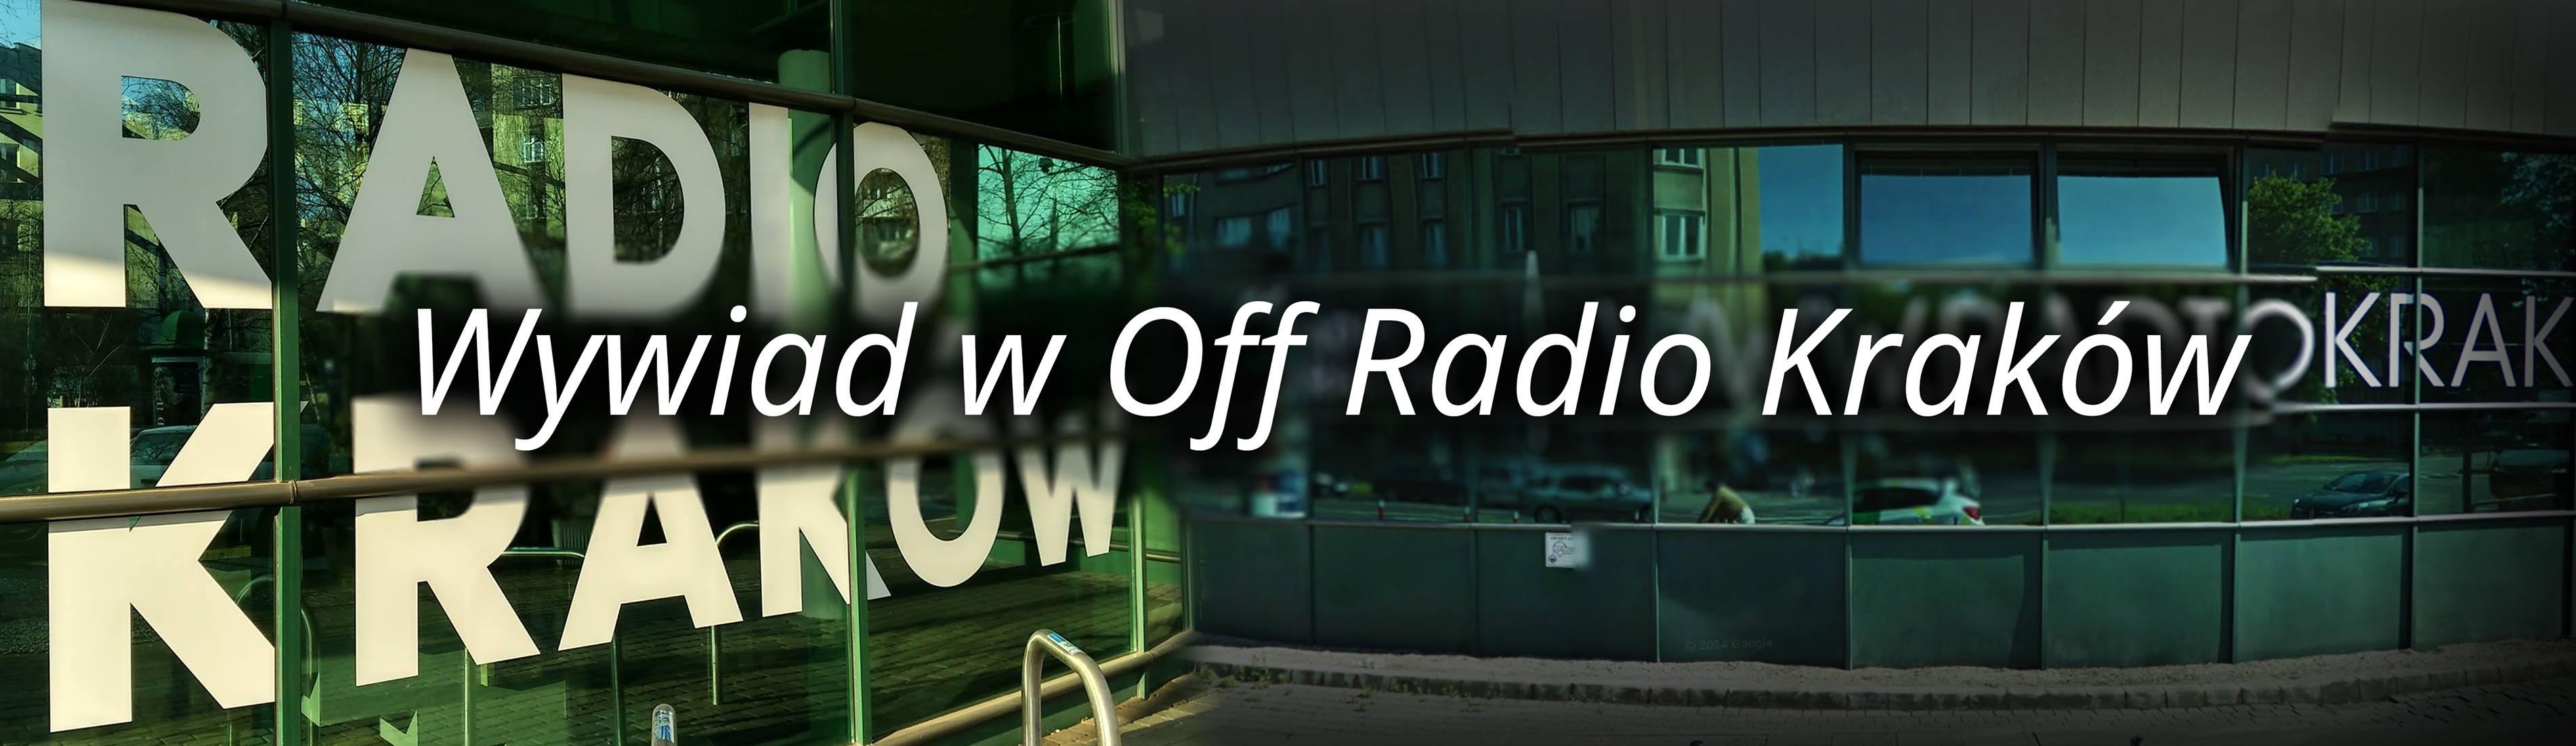 jak wygląda wywiad w radiu